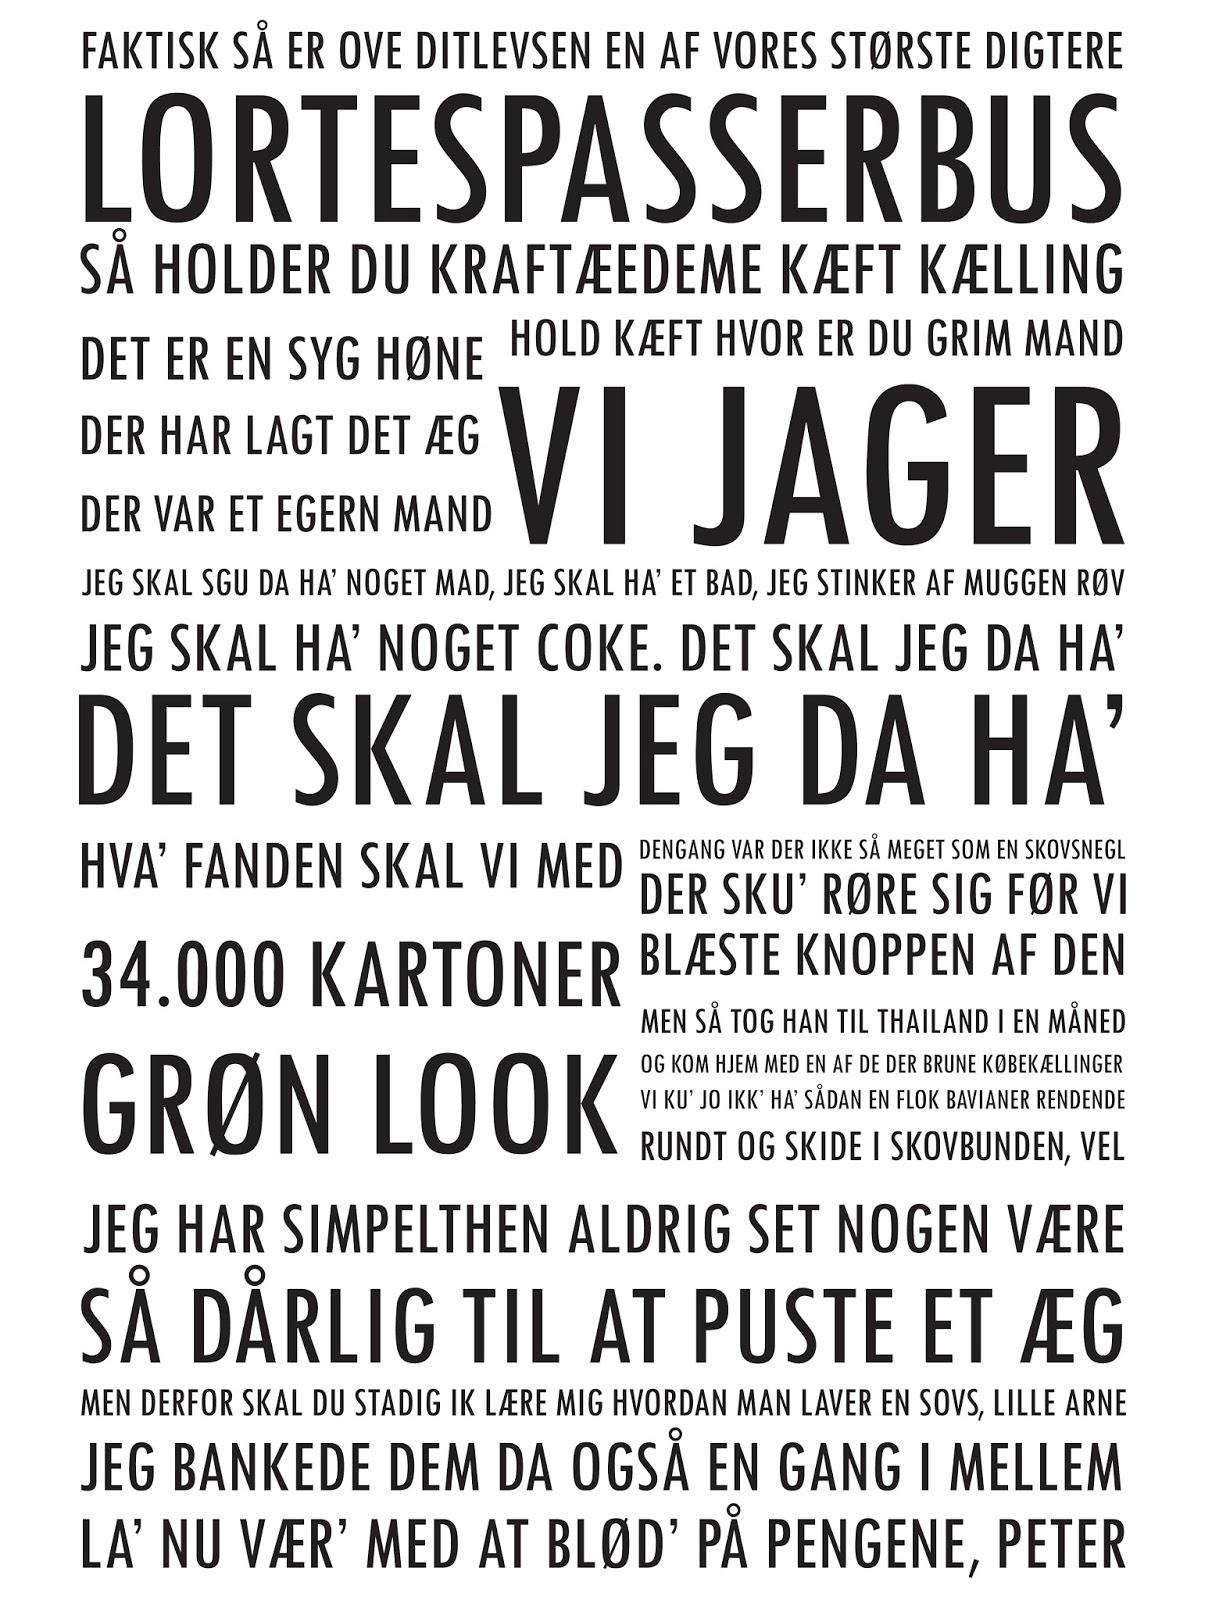 COOP TALETIDSKORT LÆGEHUSET RØNNEDE